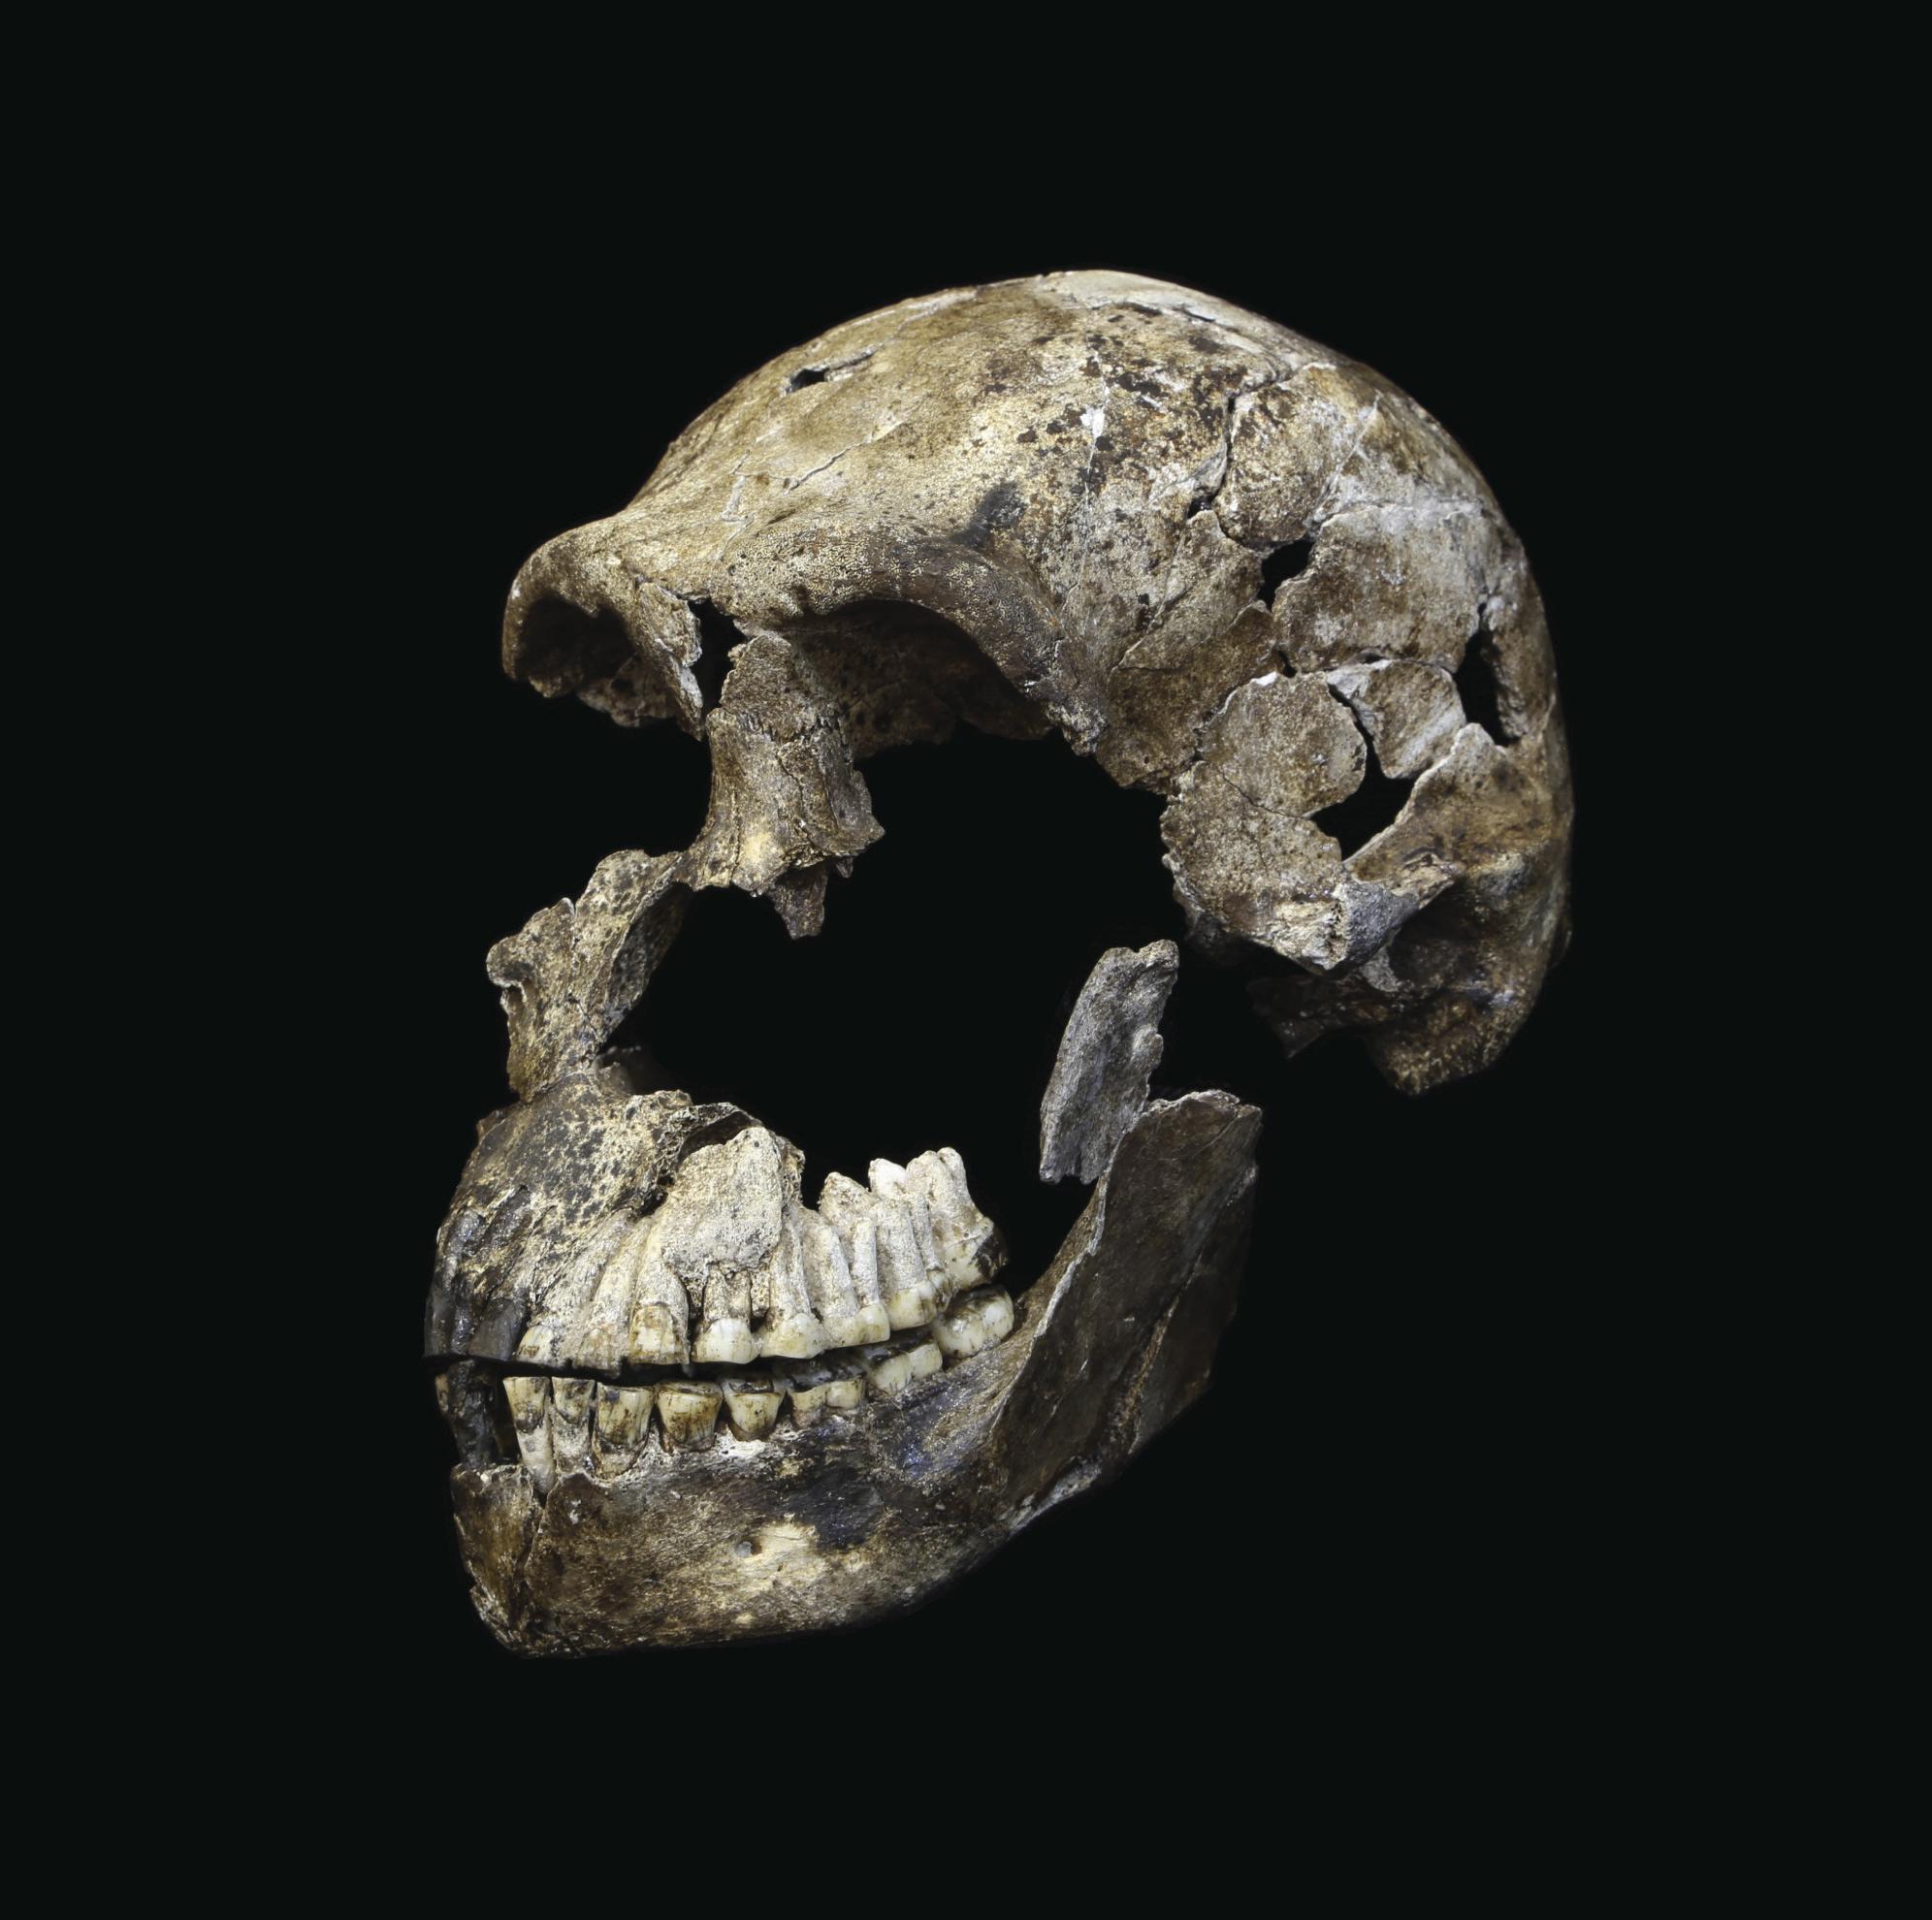 Nuevos y sorprendentes hallazgos relacionados con el 'Homo naledi'